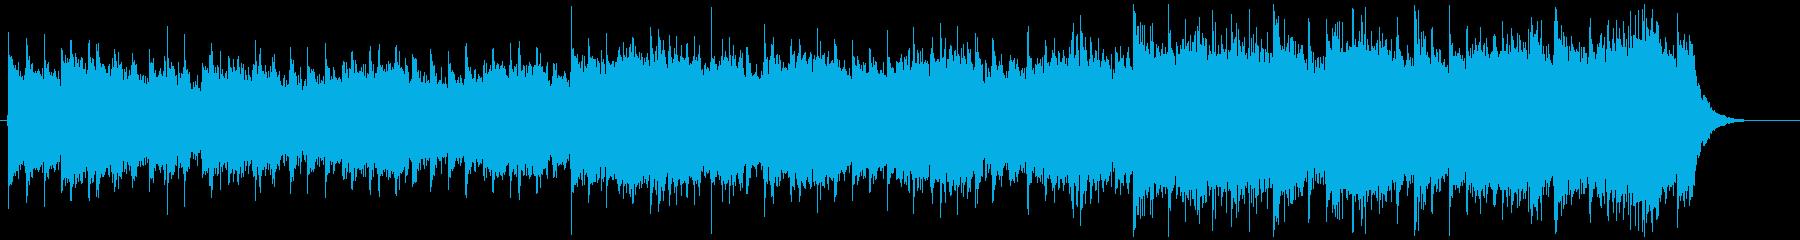 エモーショナルオーケストラ/イントロの再生済みの波形